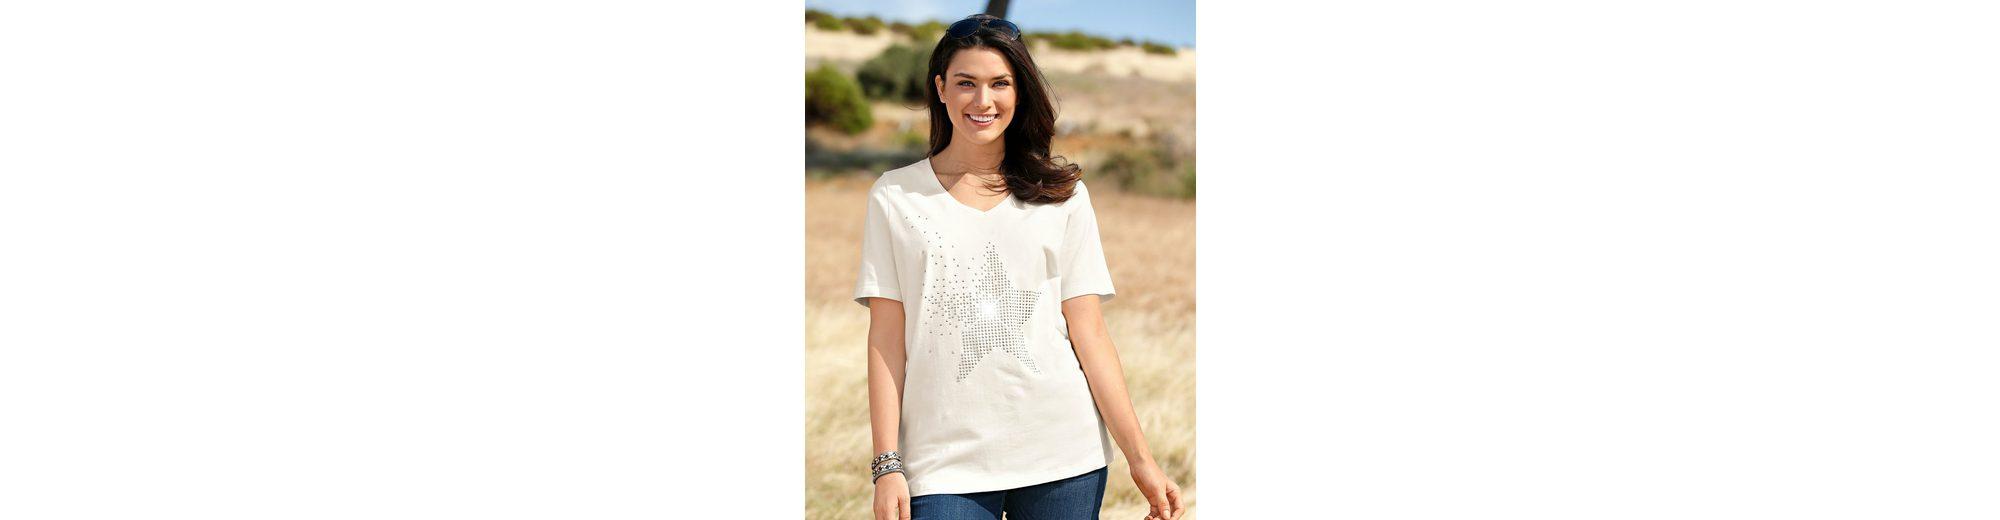 MIAMODA Shirt mit Sternmotiv aus Dekosteinen Rabatt Großer Rabatt Billig Verkauf Echten Günstig Kaufen Suche Rabatt-Codes Online-Shopping Offizielle Seite 8yvUeR1Iw